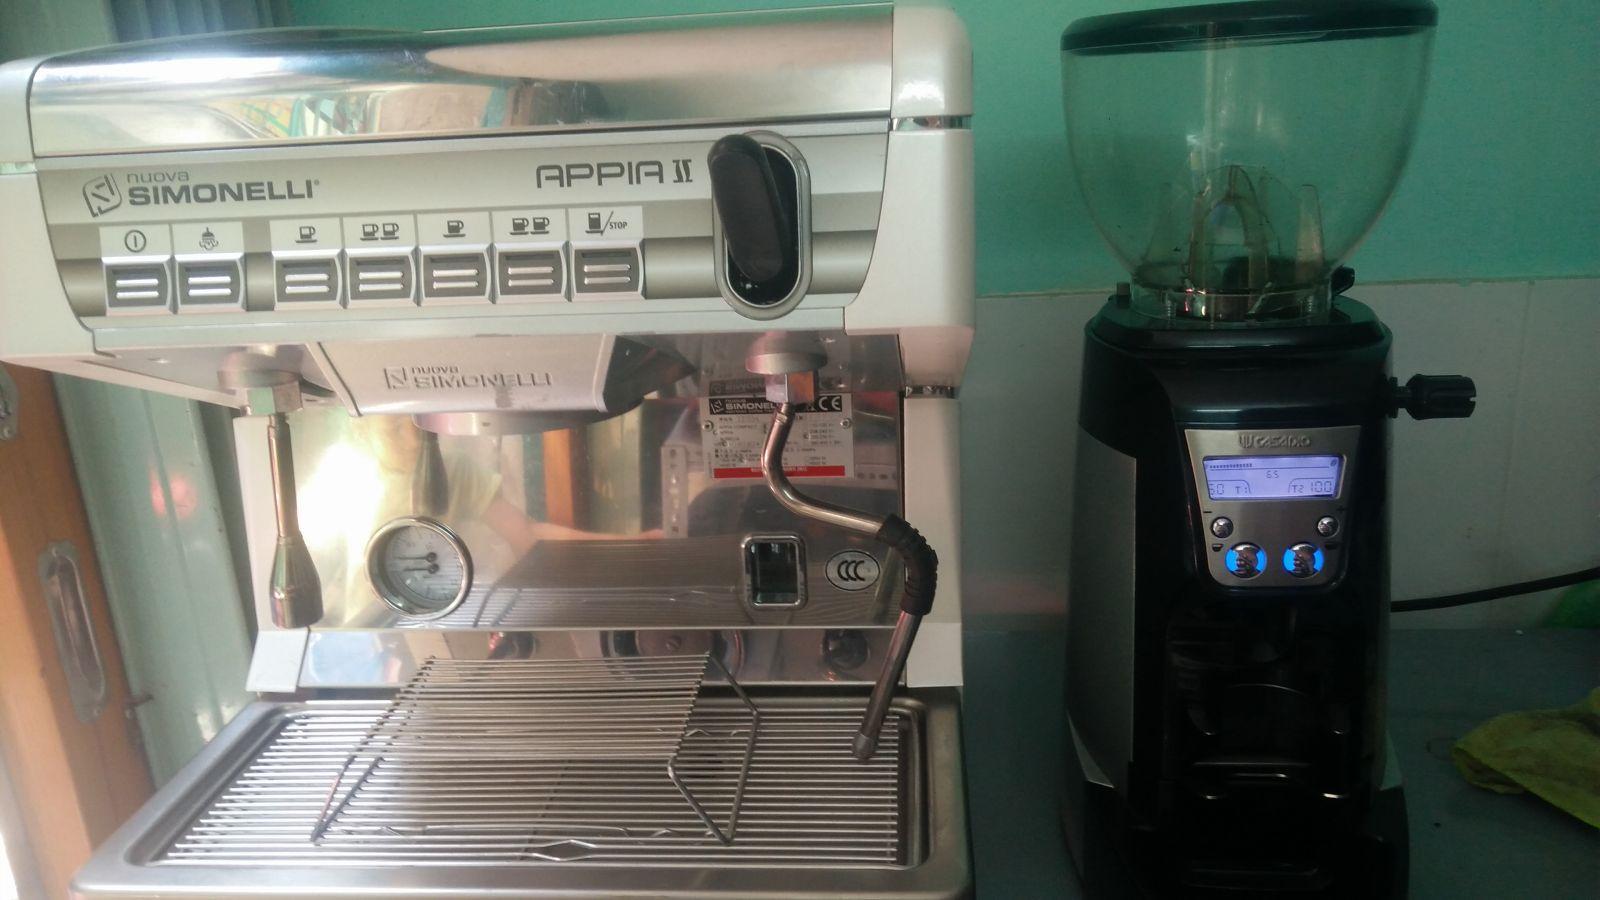 máy pha cà phê cho quán nhỏ nouva simonelli 1 group